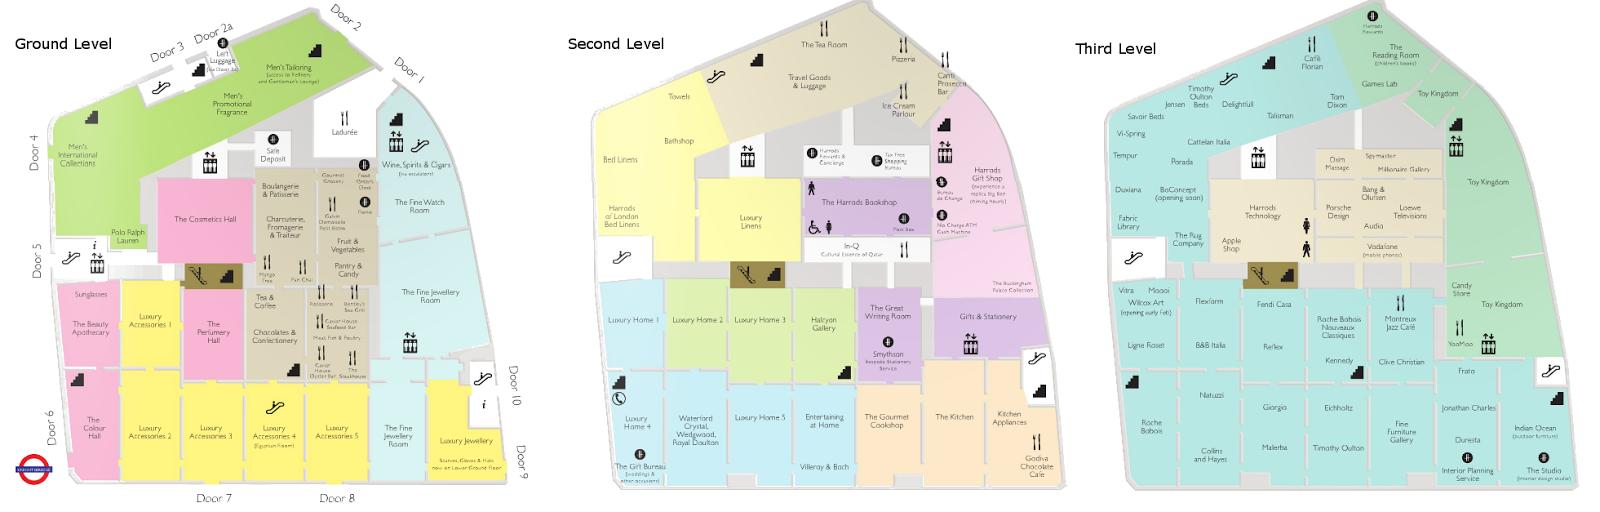 Harrods Floor Plan